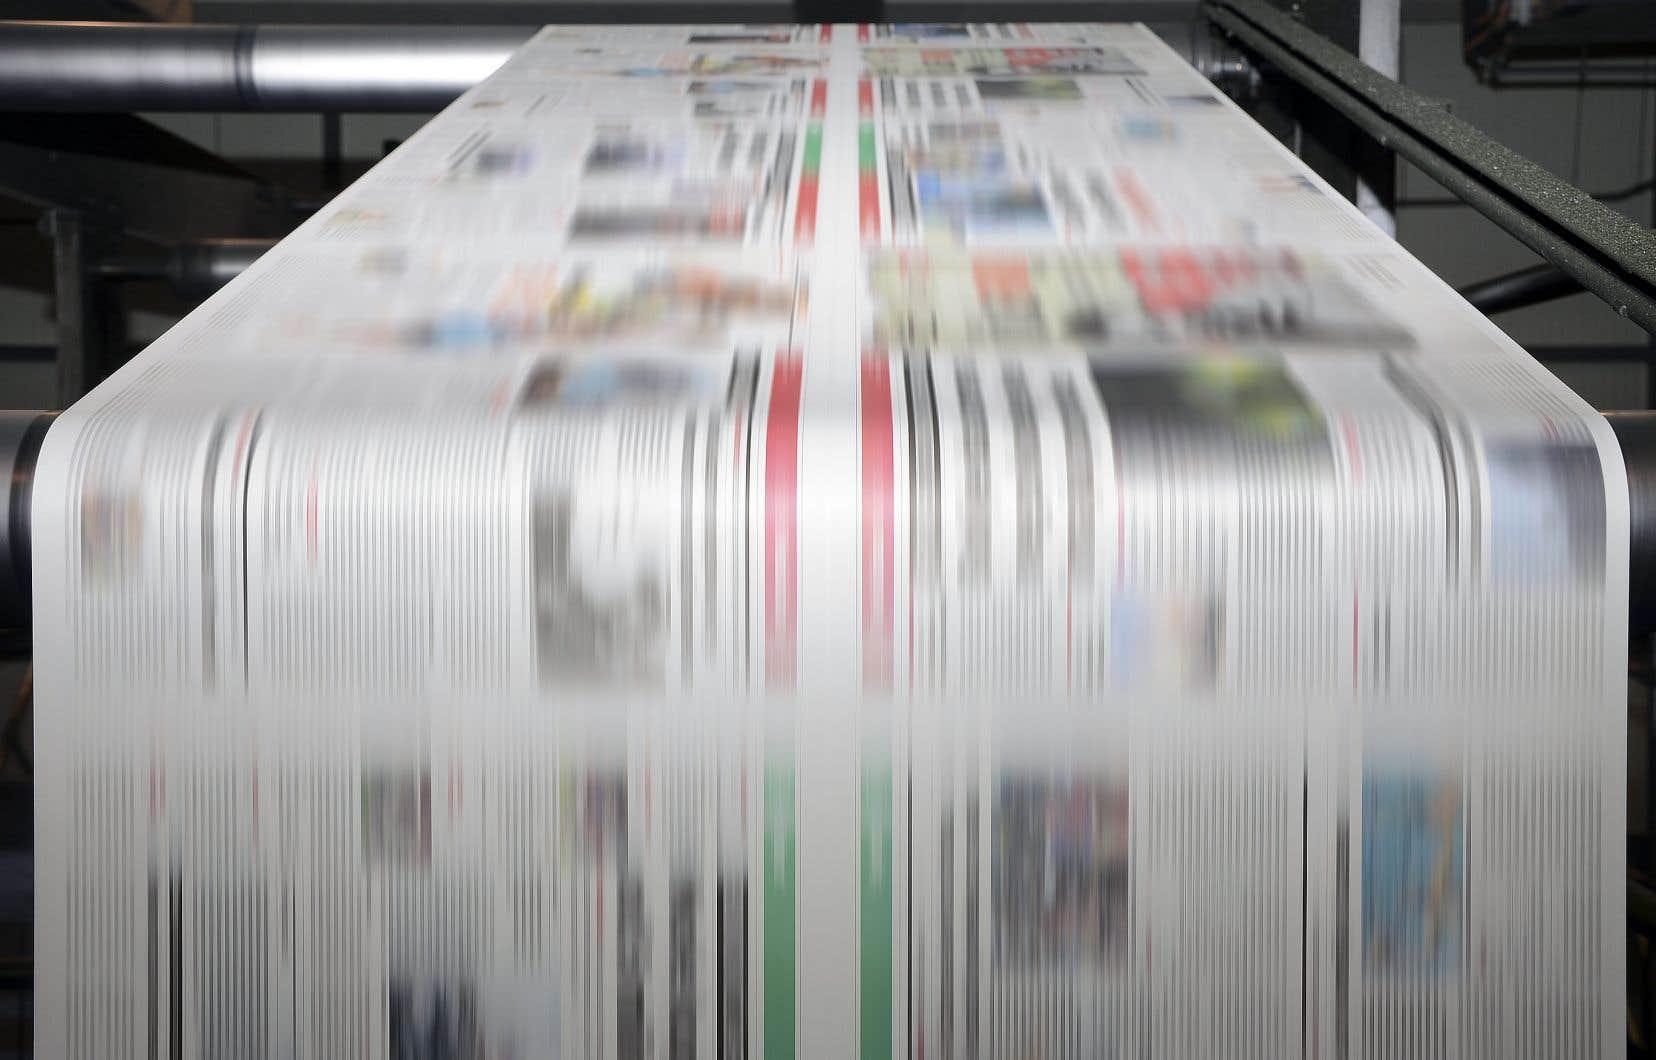 L'industrie canadienne du papier journal repose sur plus d'une vingtaine d'usines.